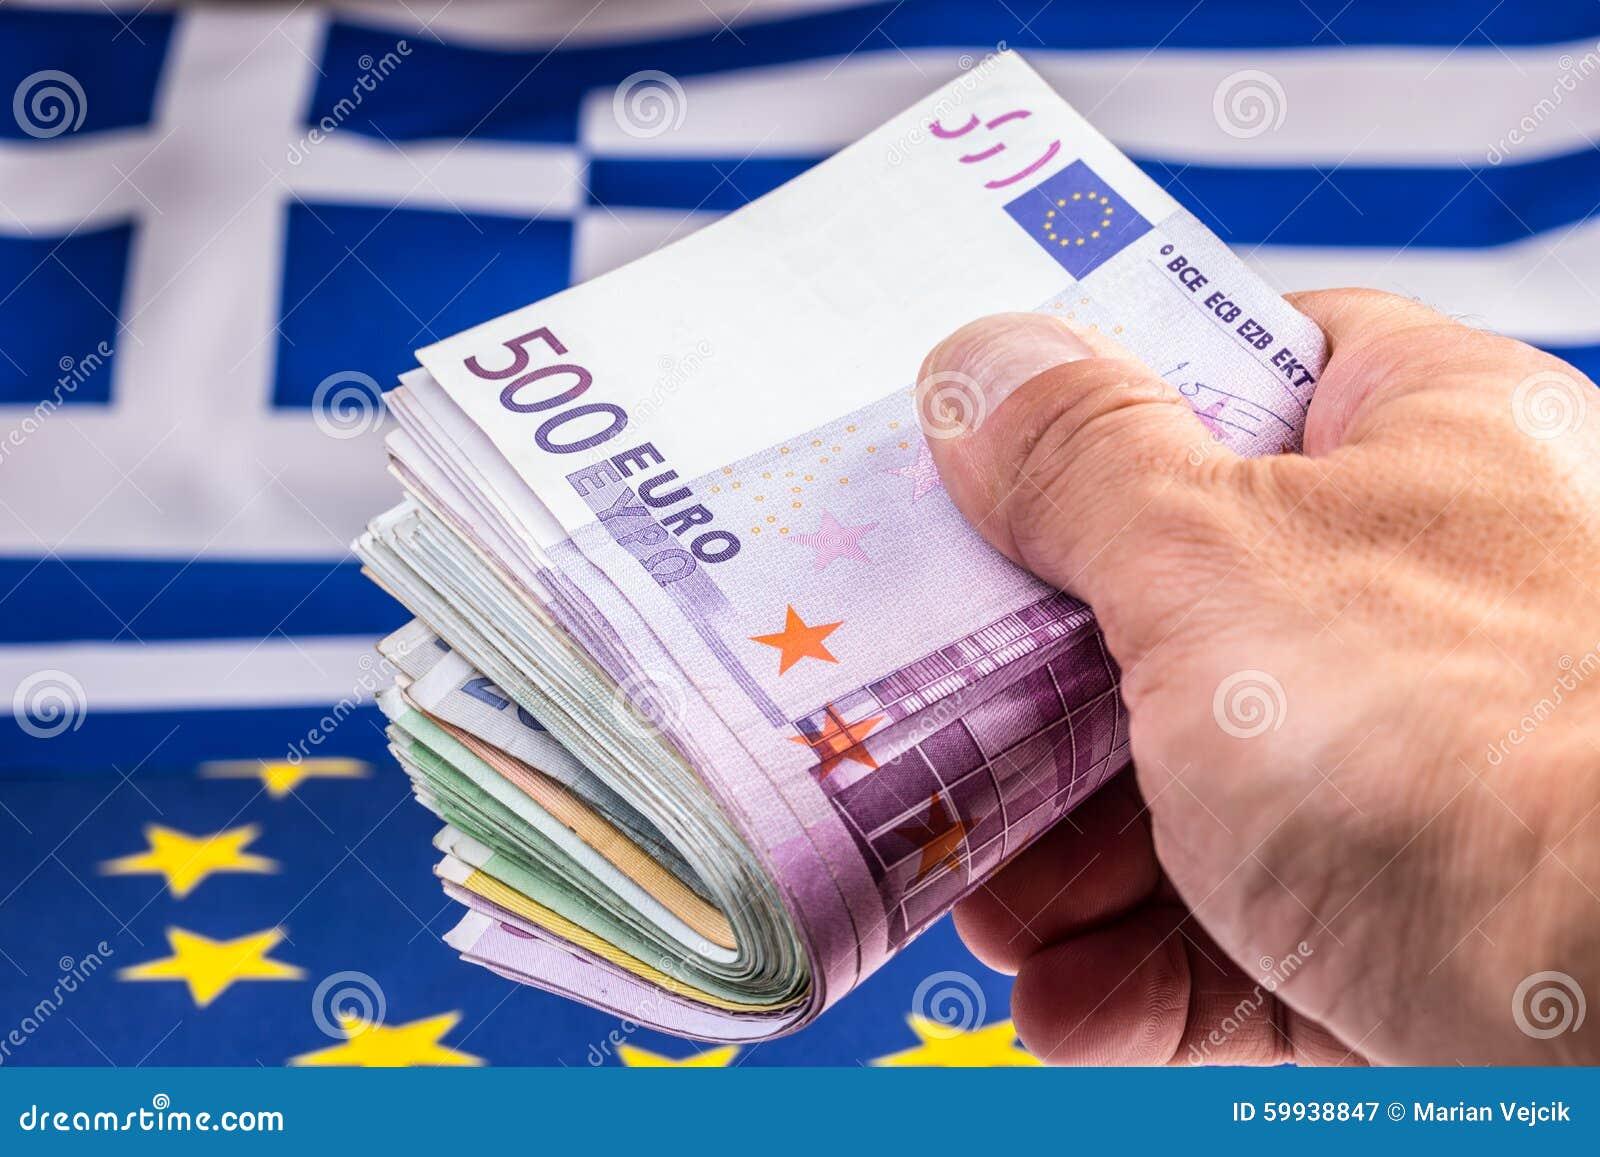 Ευρο- χρήματα σημαιών της Ελλάδας και ευρωπαϊκά και Ευρωπαϊκό lai νομίσματος νομισμάτων και τραπεζογραμματίων ελεύθερα